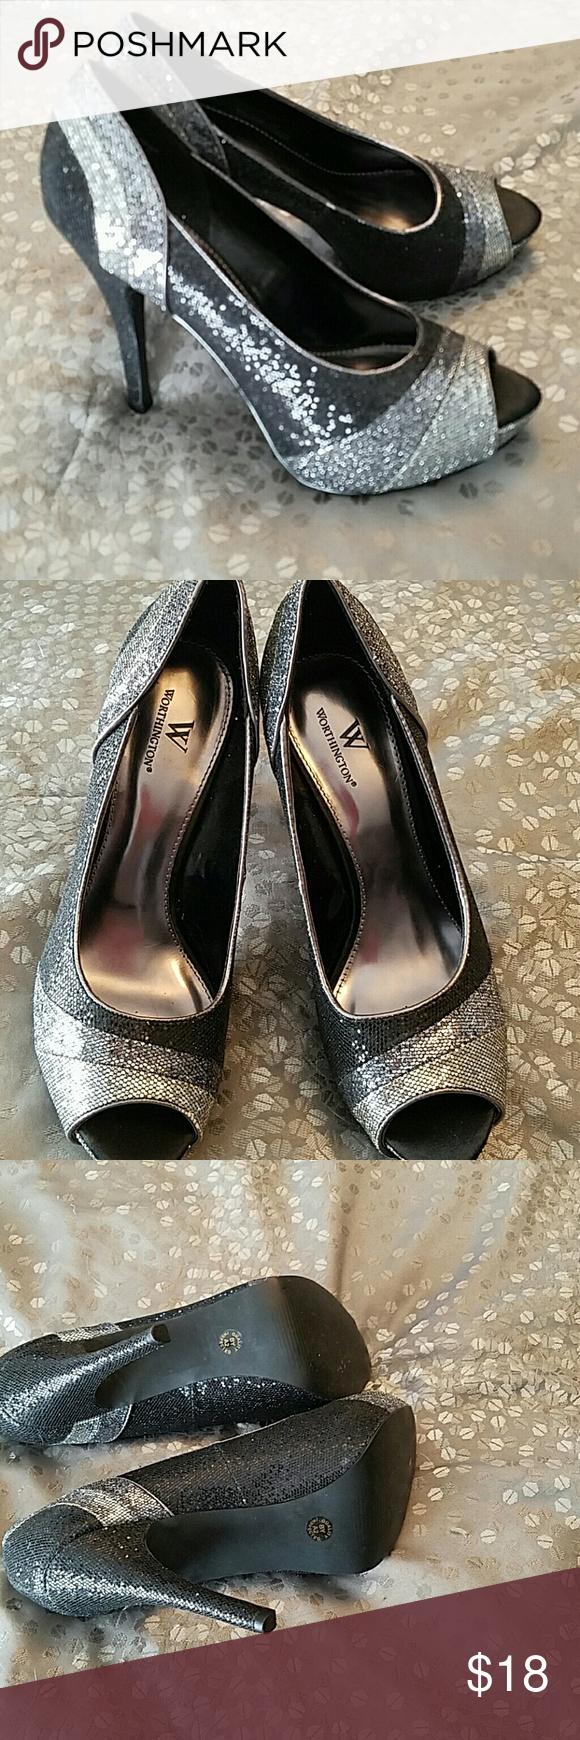 High Heel Shoes Sale Today High Heel Shoes Heels Shoes Heels